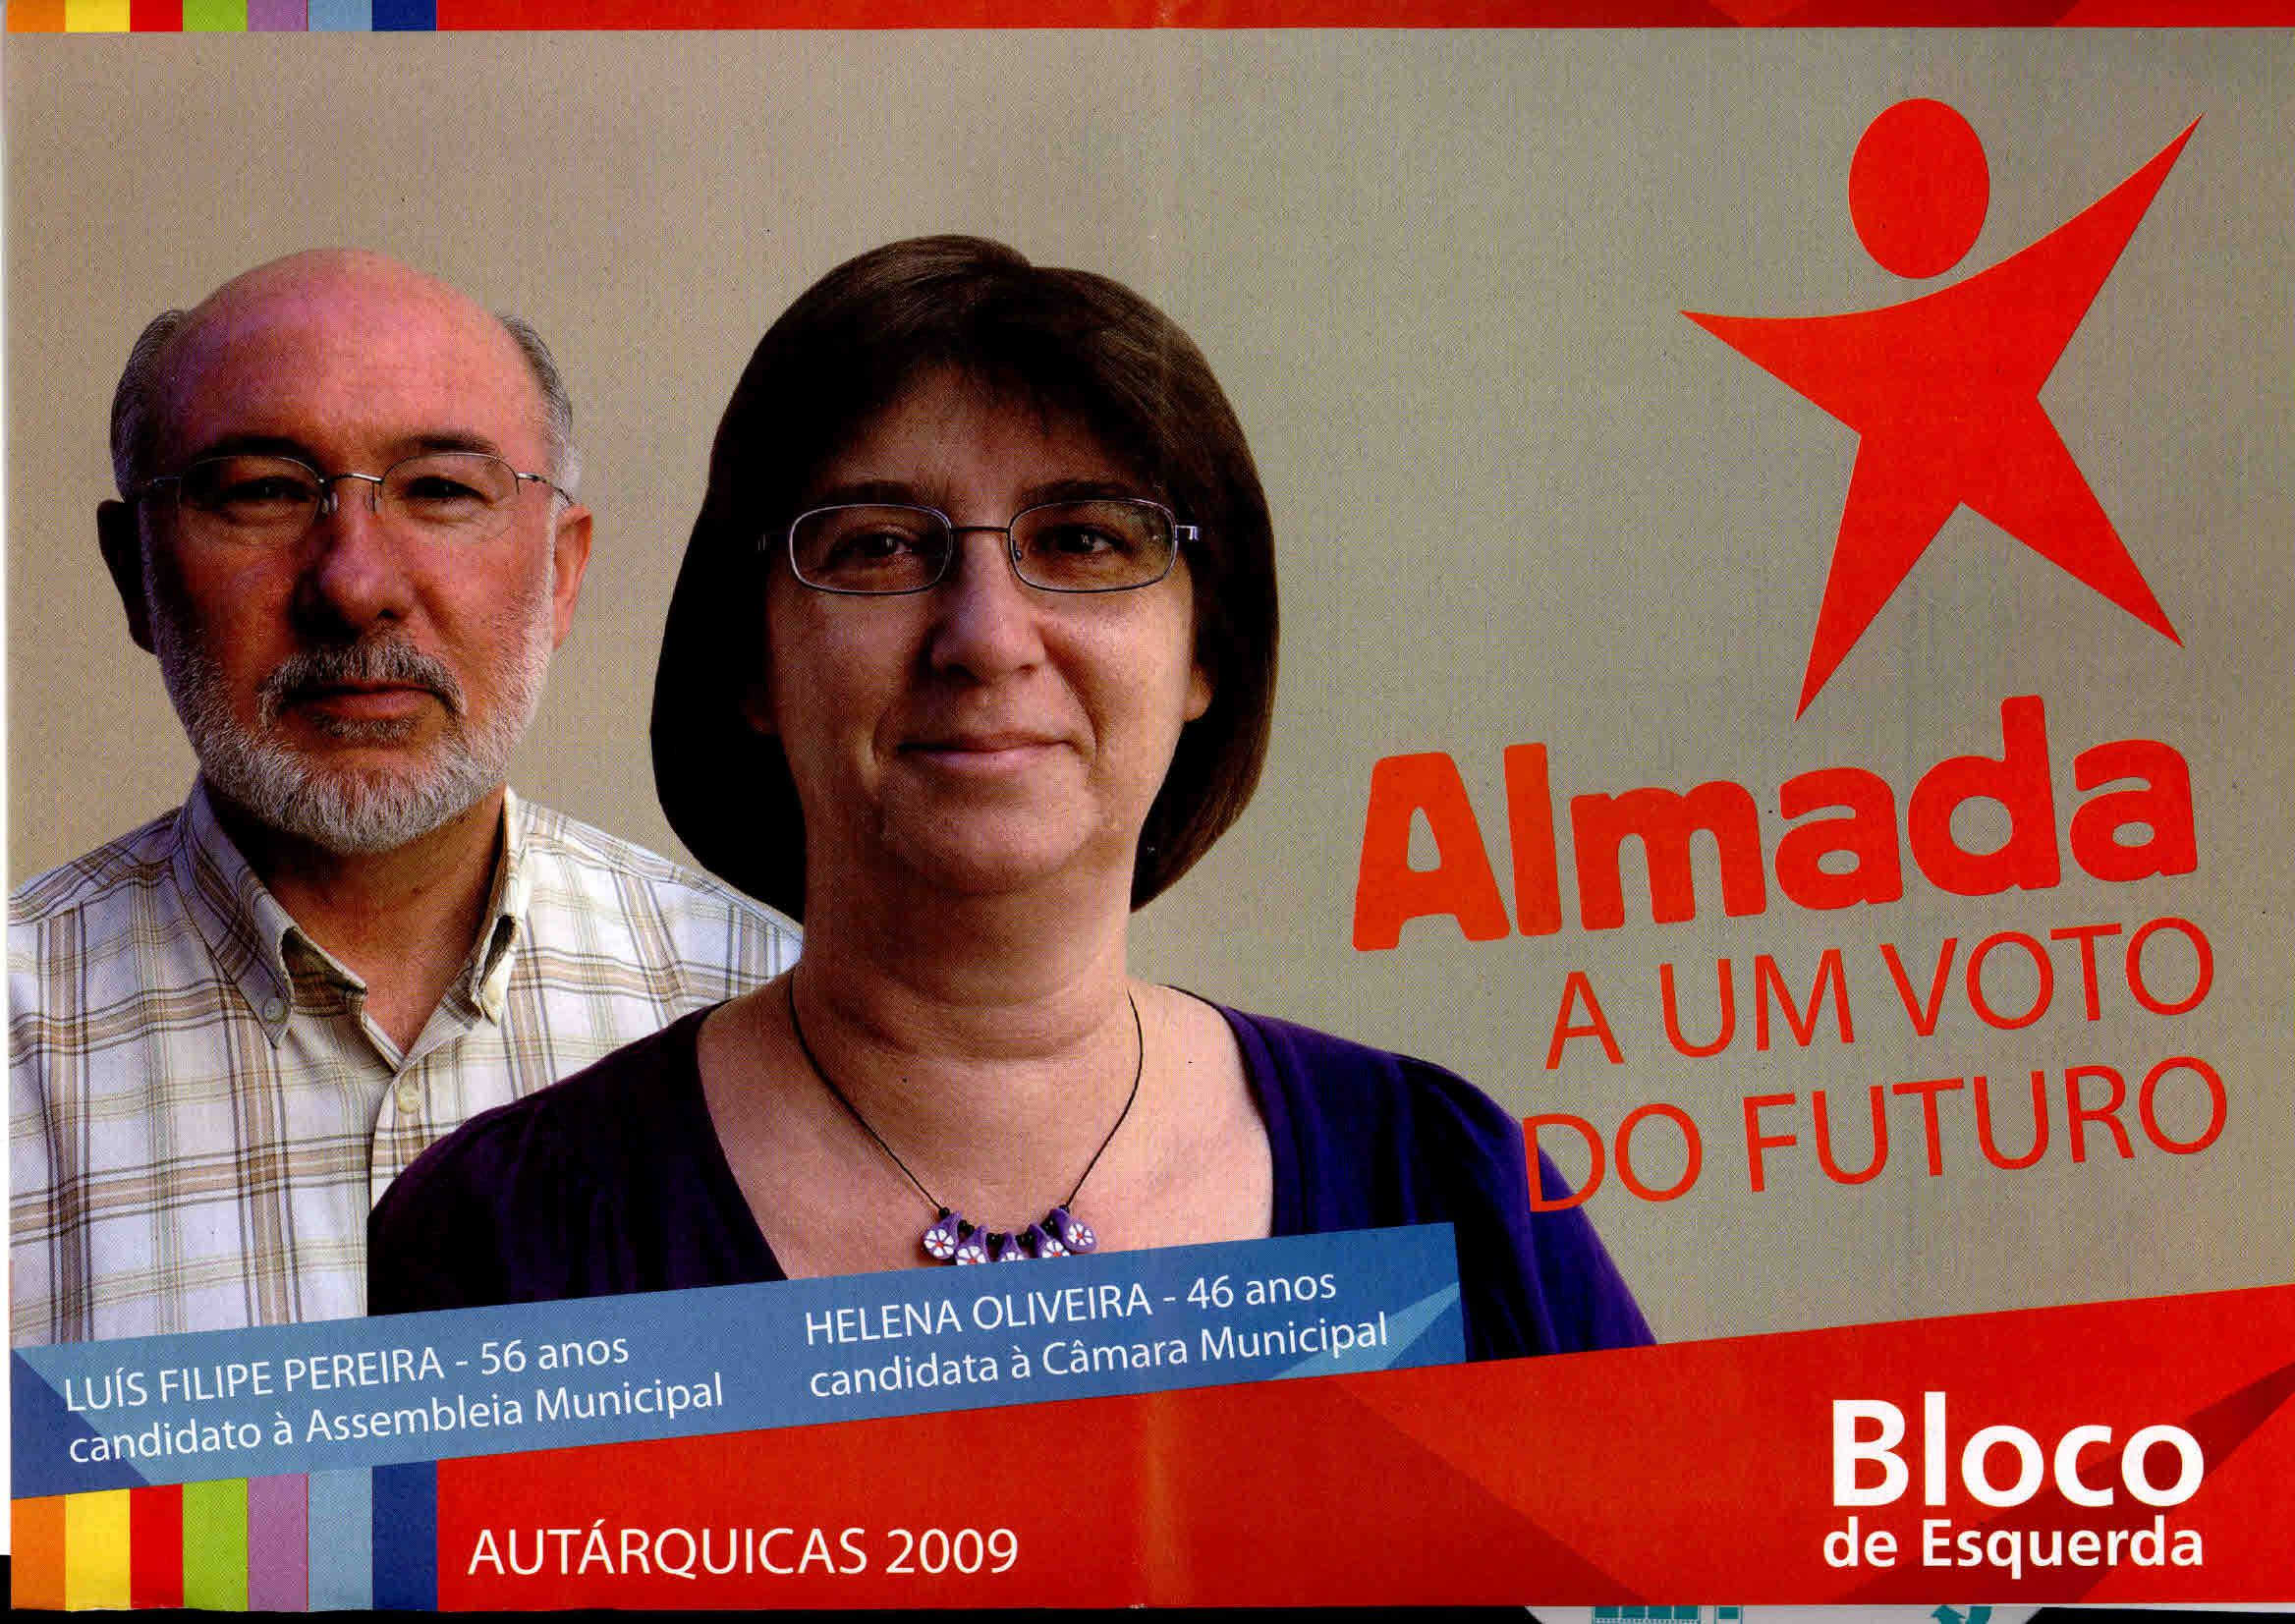 Copy of Almada a um voto do futuro